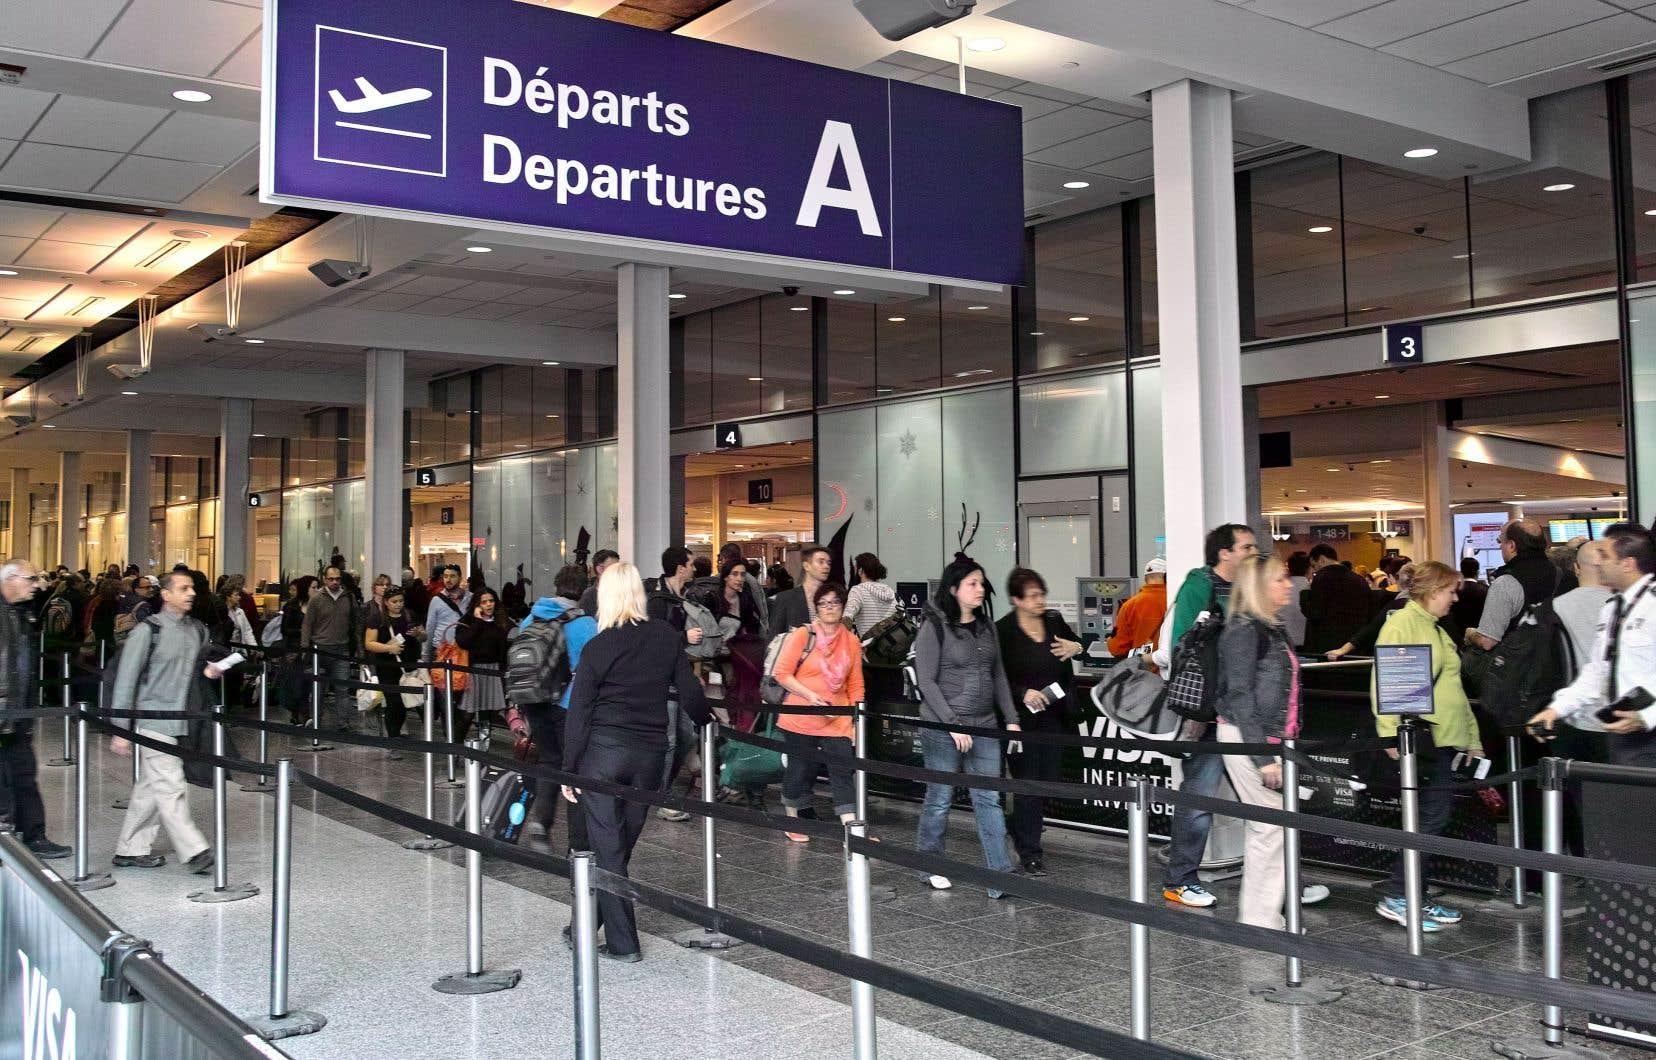 L'aéroport international Montréal-Trudeau devrait accueillir en moyenne quelque 55000 voyageurs par jour au cours de la période des Fêtes.